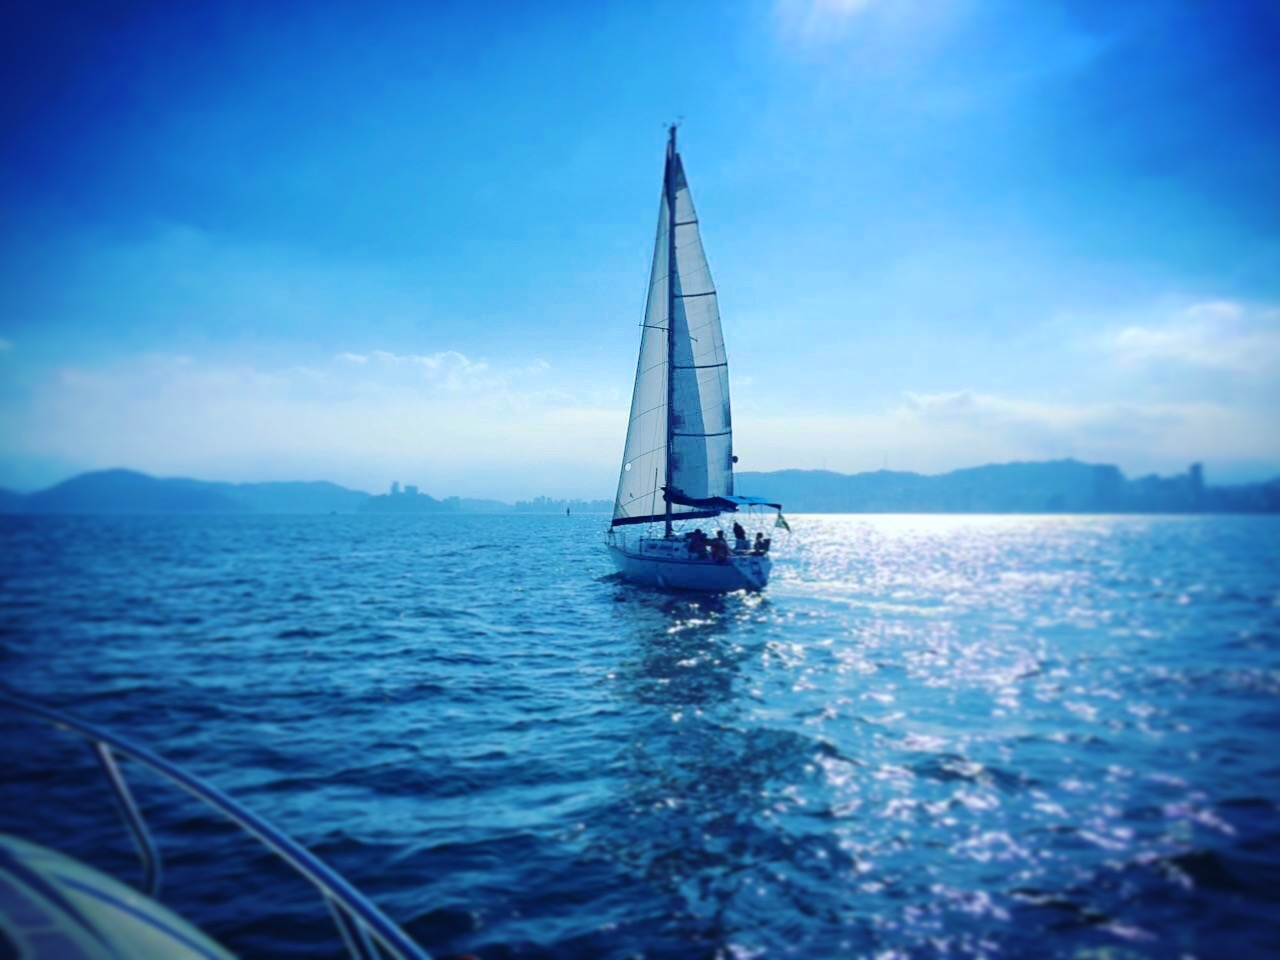 Sailing_Around_The_World_9